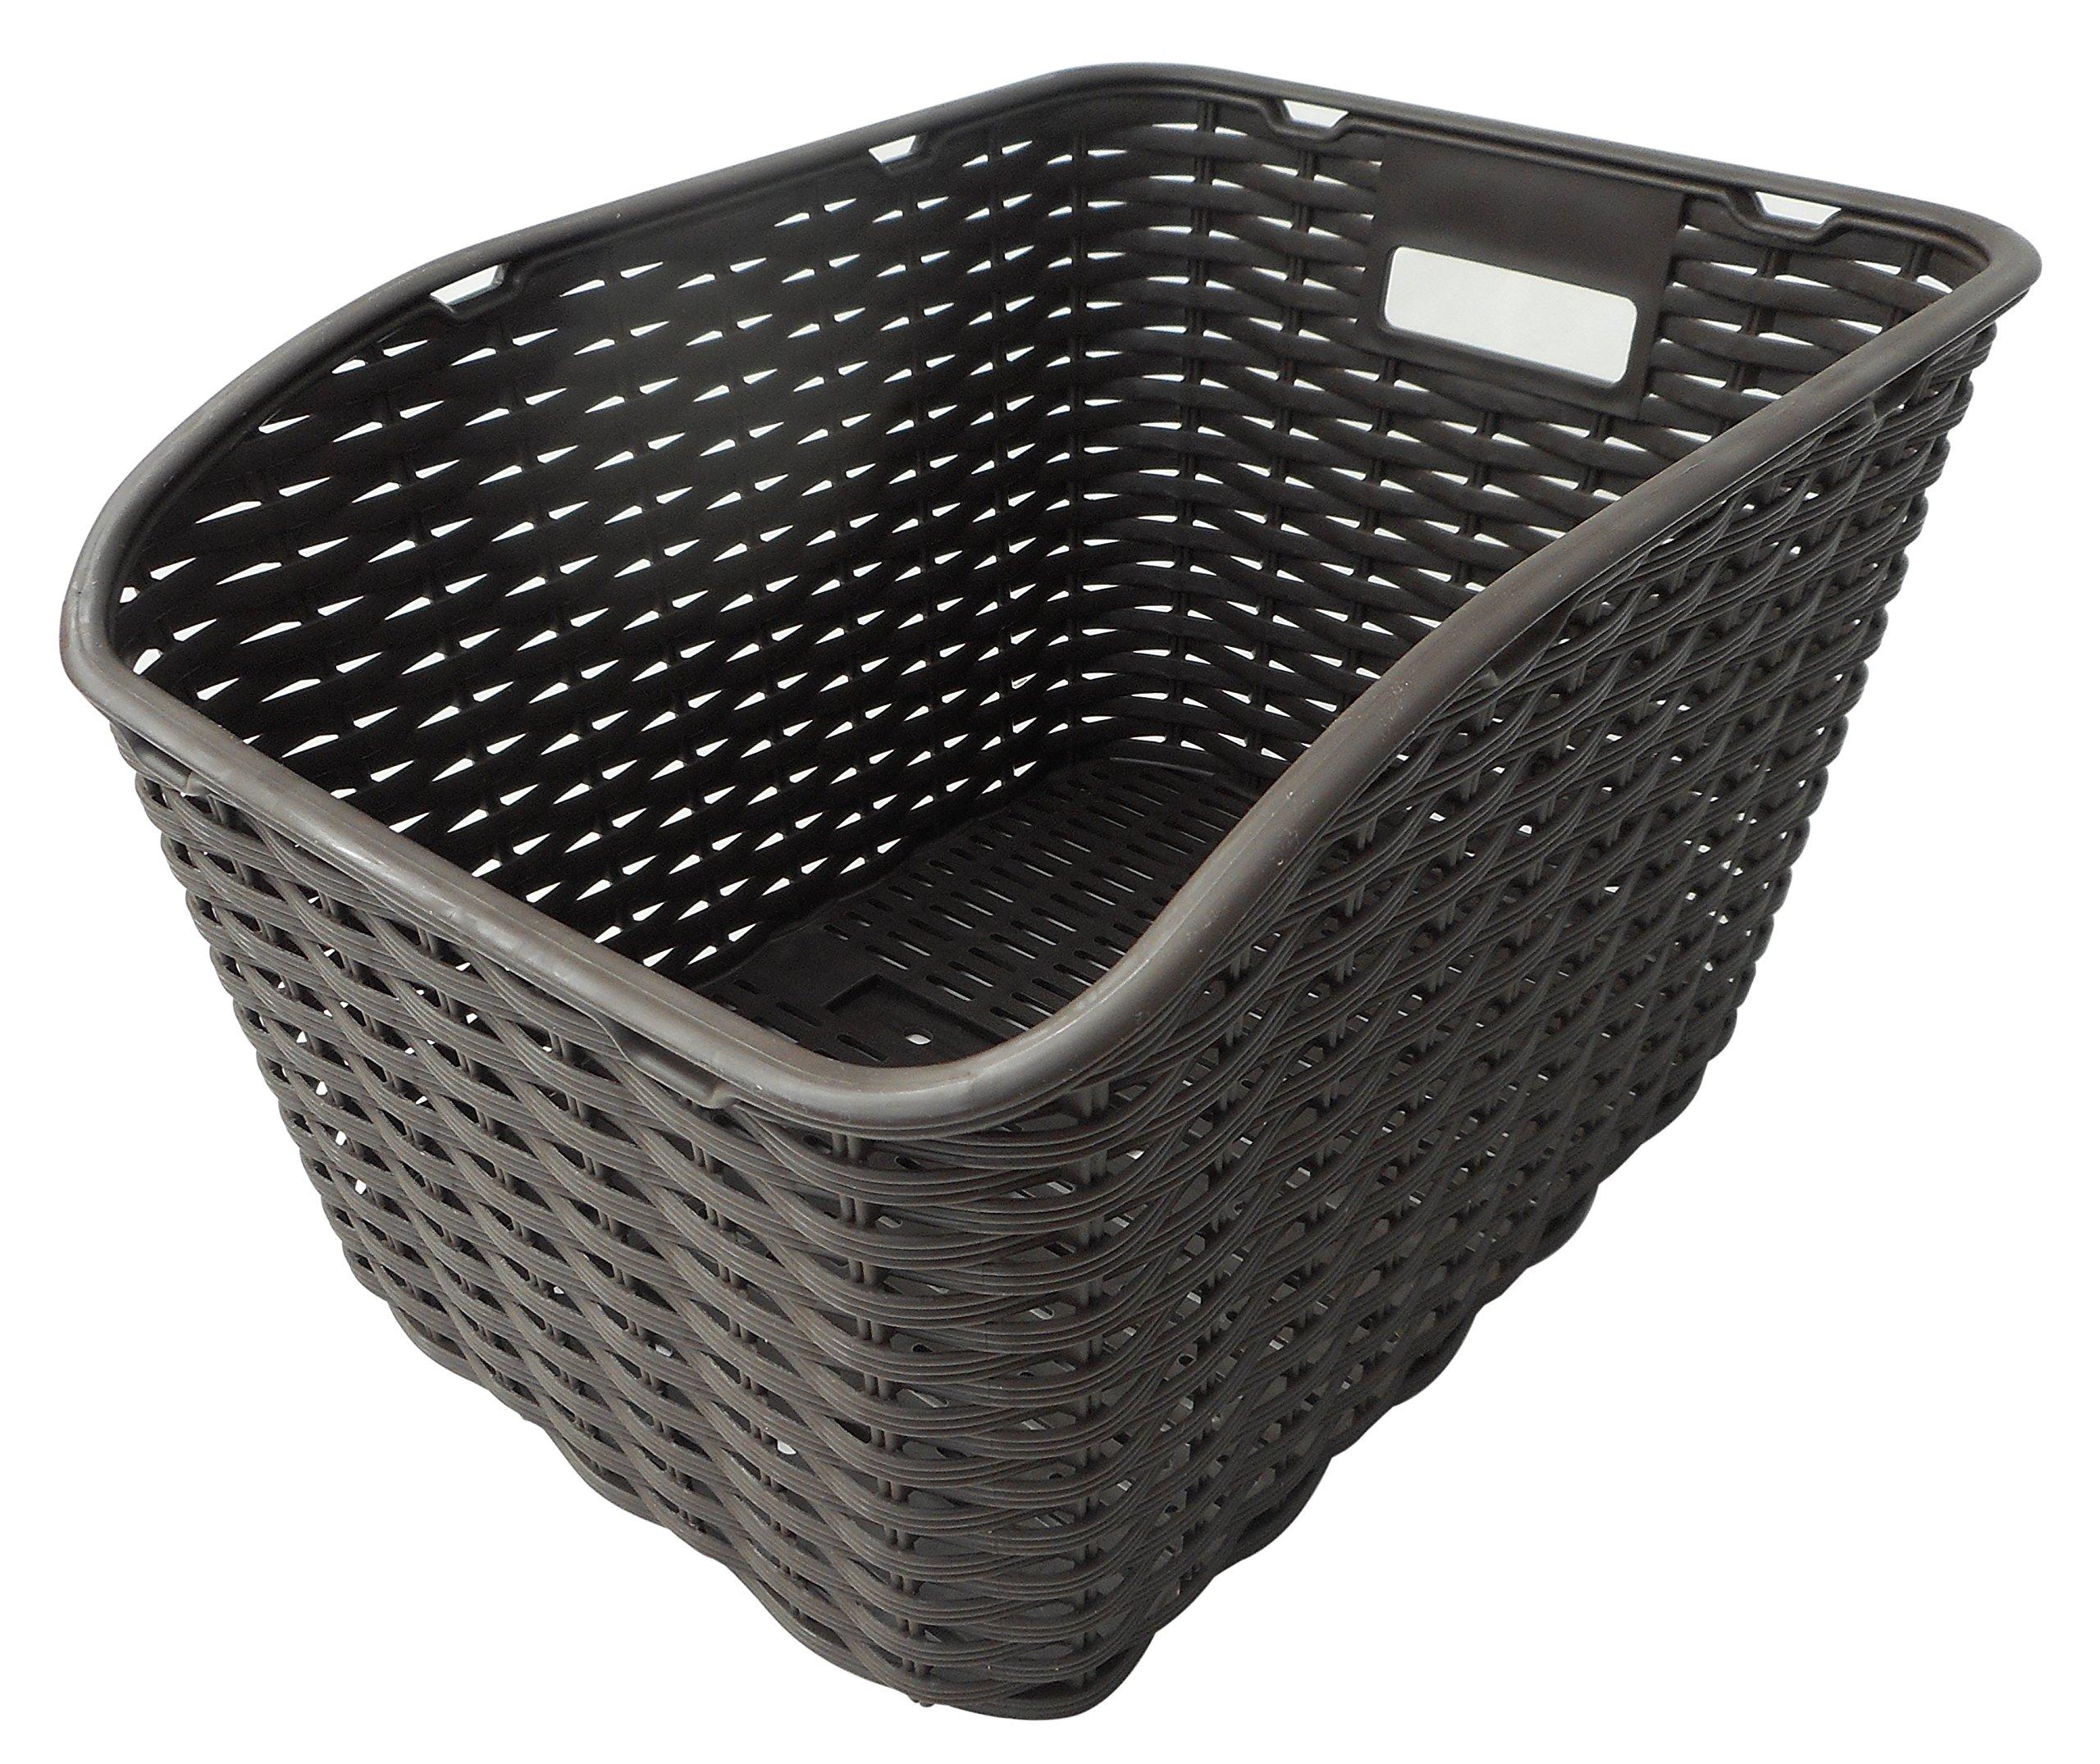 カゴ 樹脂製リヤバスケット ブラウン 49102